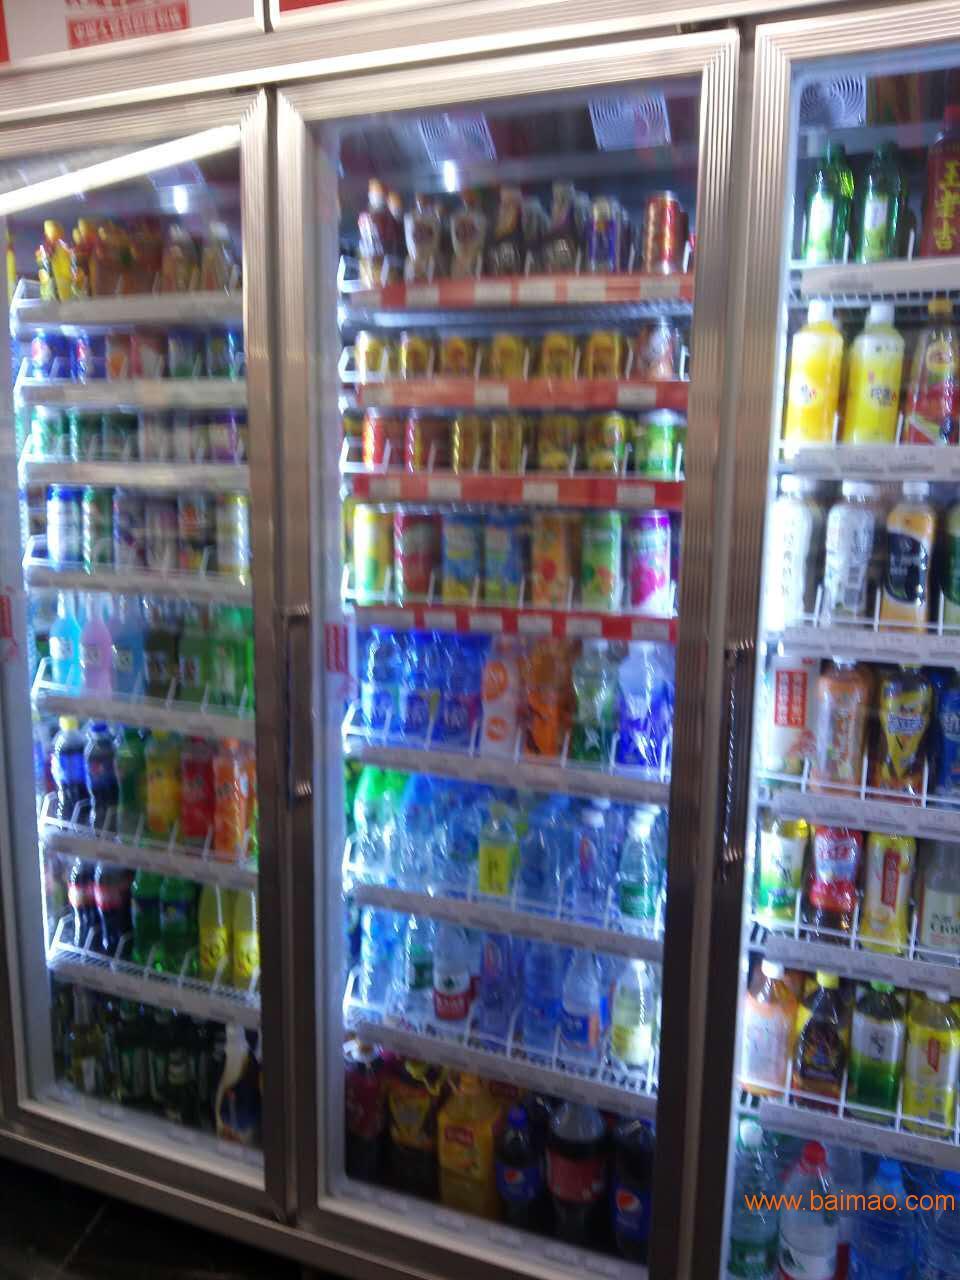 店展示柜 豪华饮料柜 啤酒摆放柜 超市,格瑞供应便利店展示柜 豪华